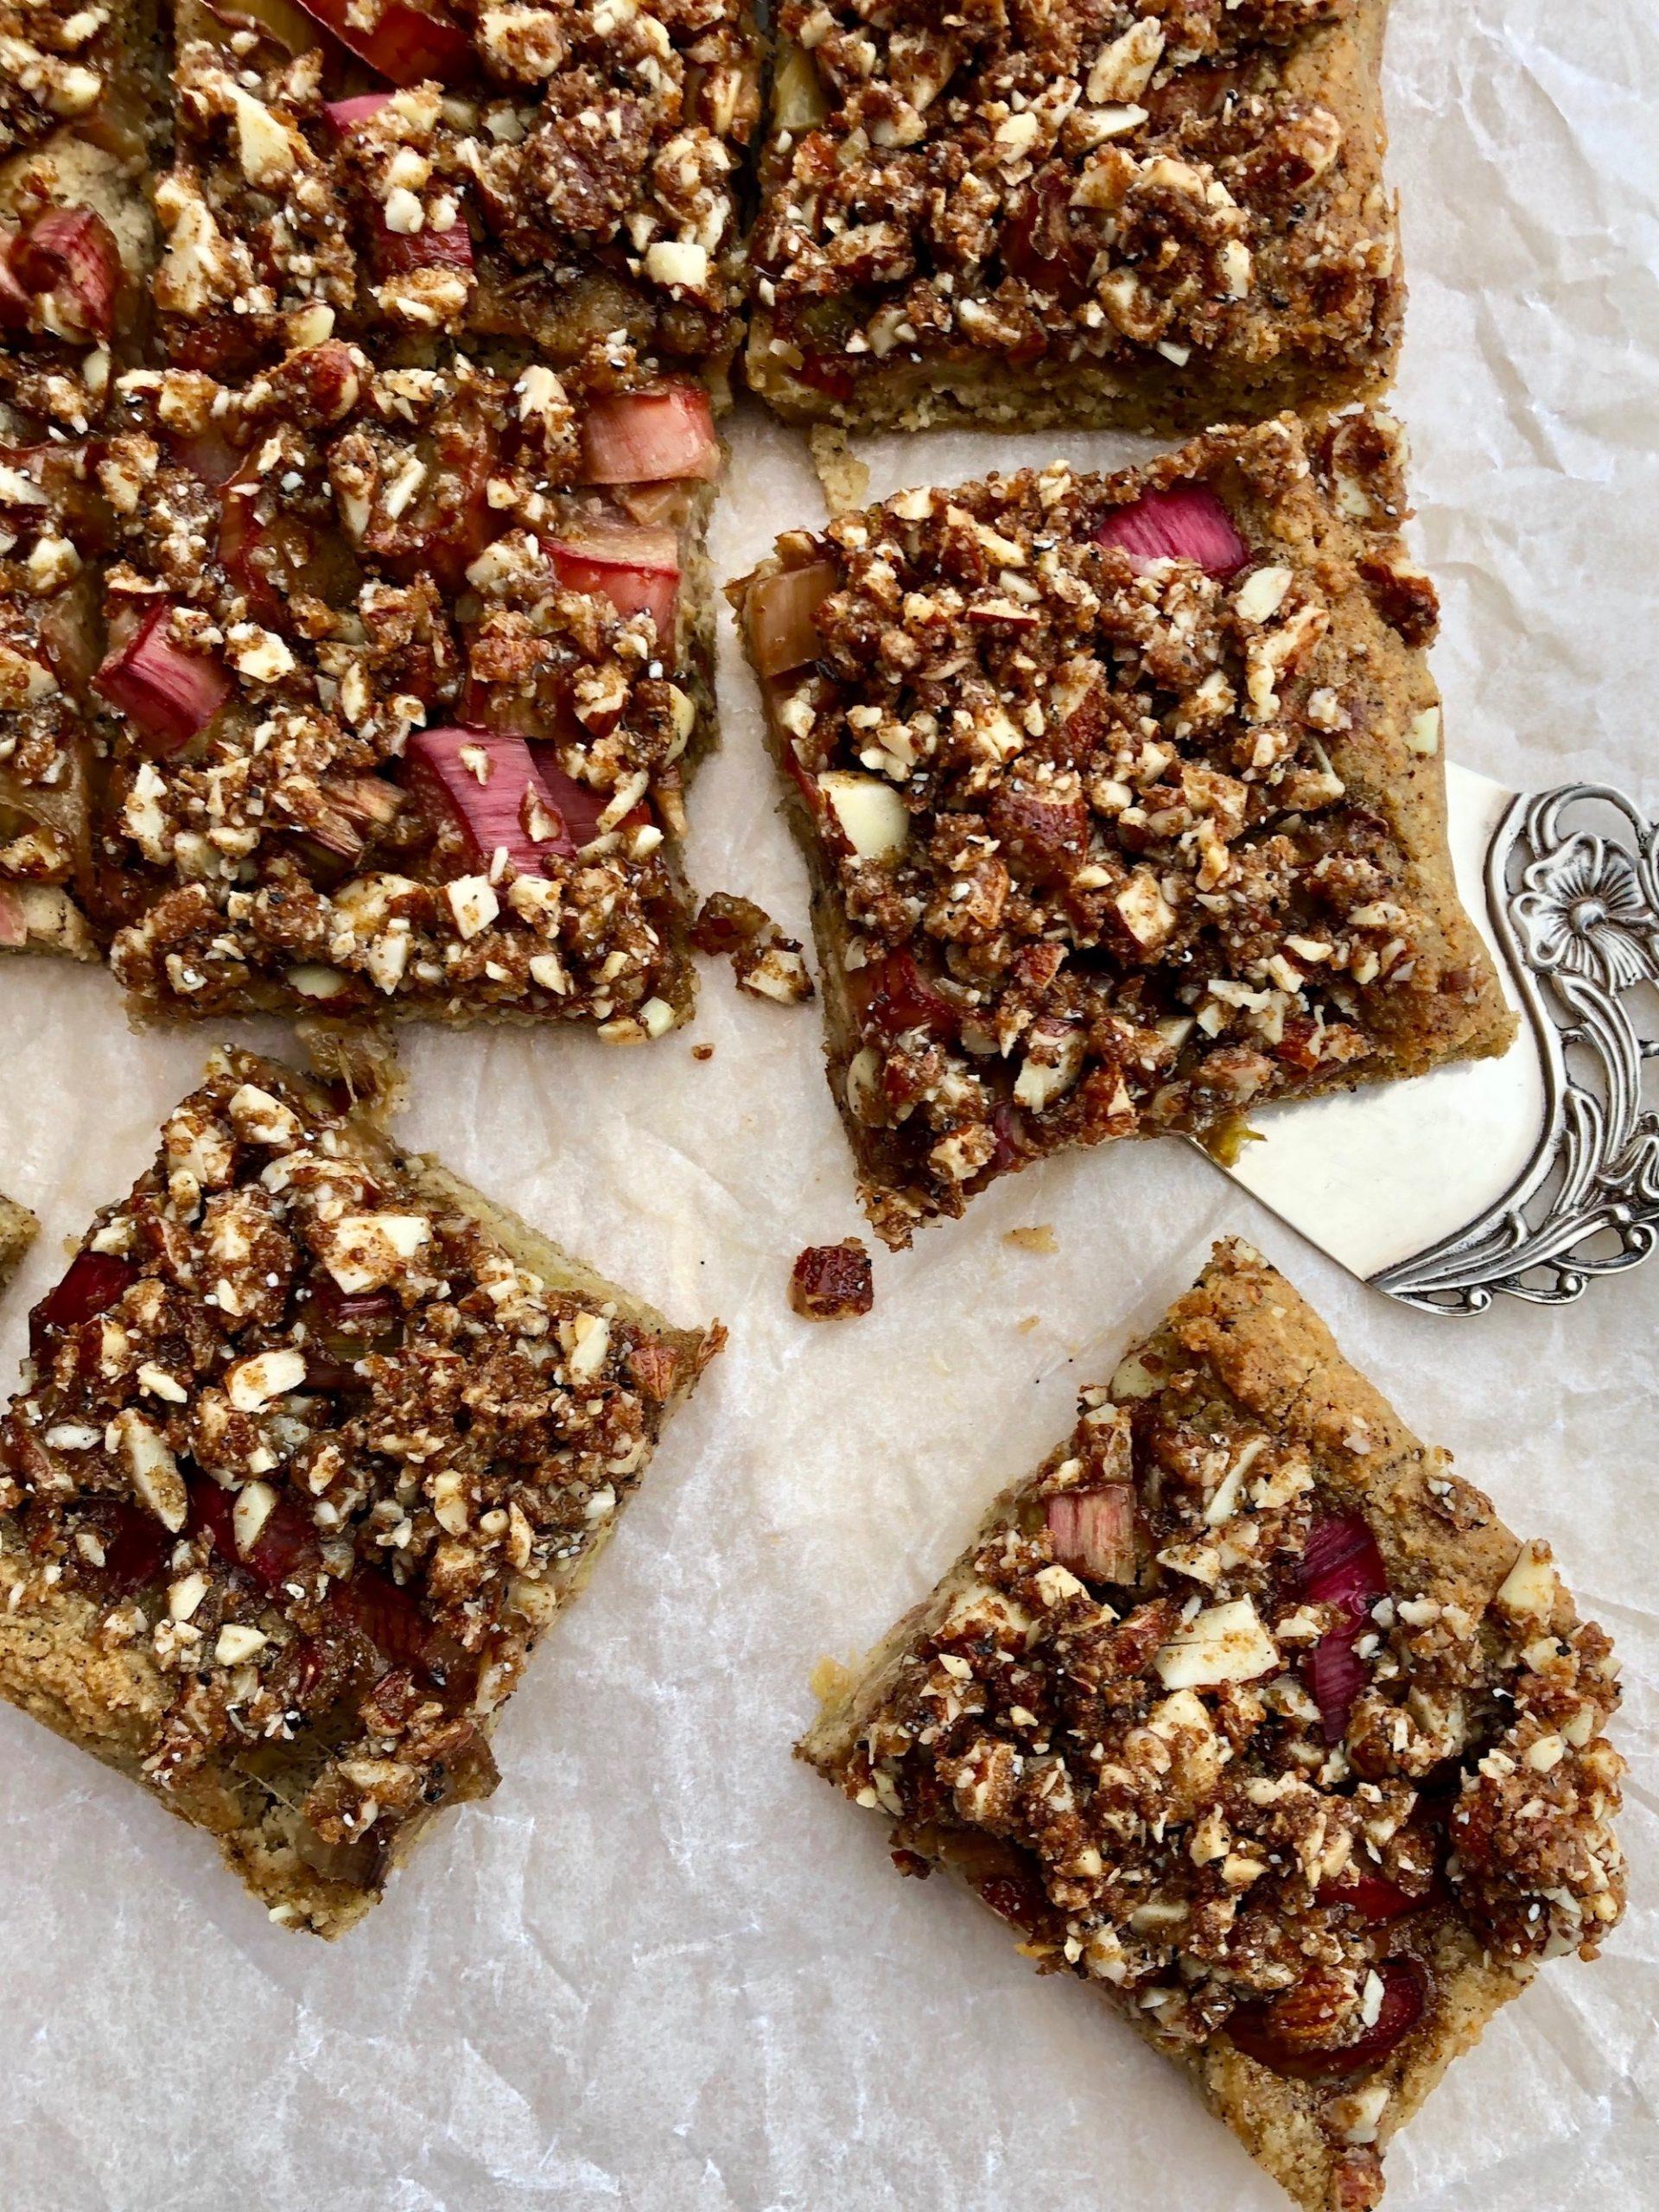 Rabarberkaka - Glutenfri med härlig smak av kardemumma, krispiga nötter och syrliga rabarber!